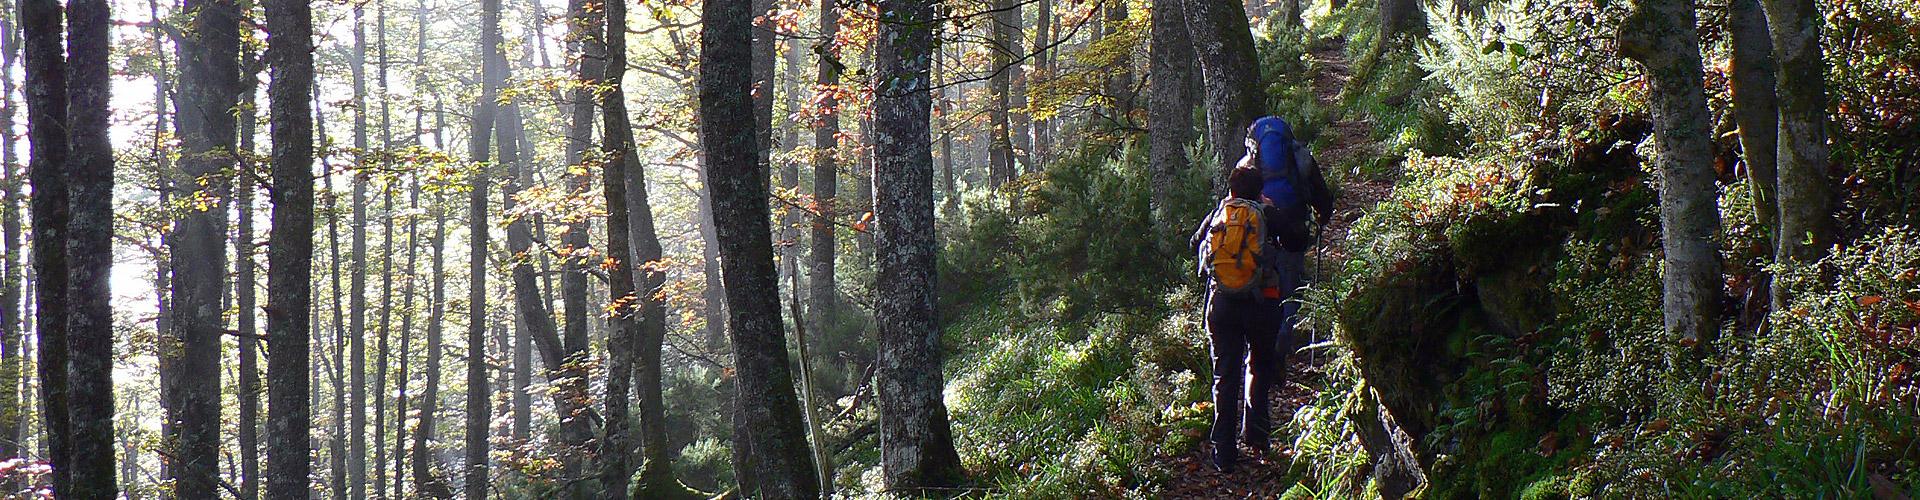 asturias-turismo-rural-rutas-senderismo